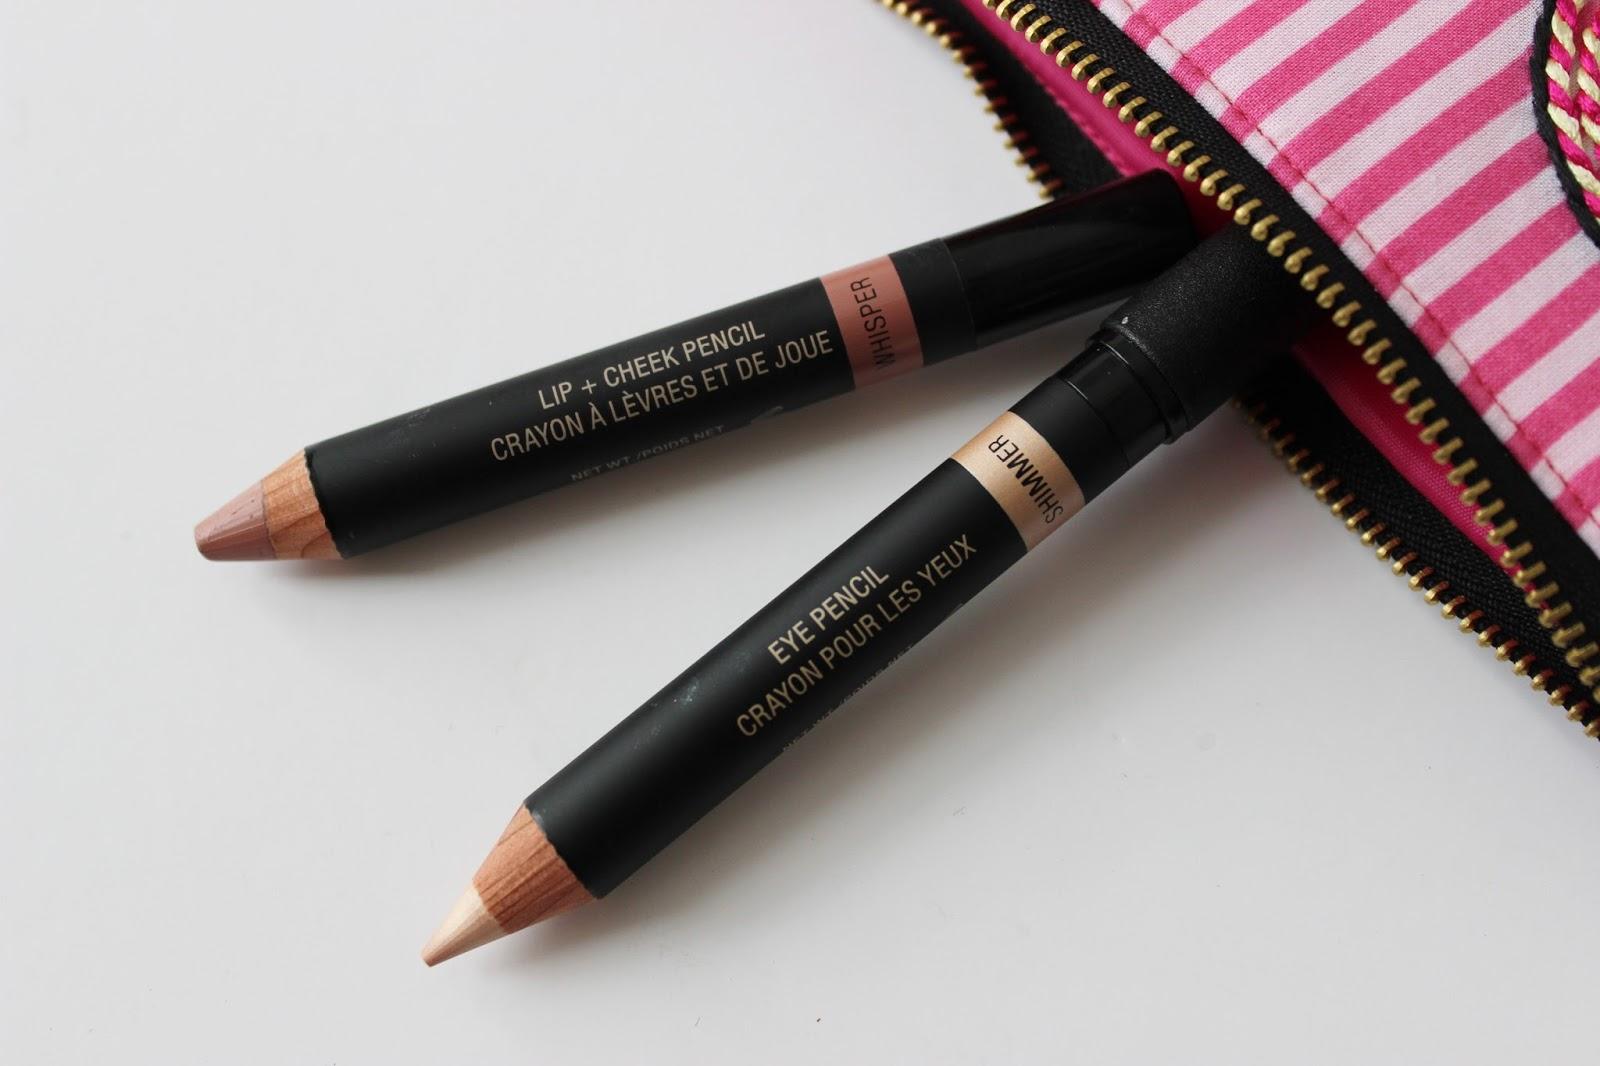 Nudestix makeup crayons